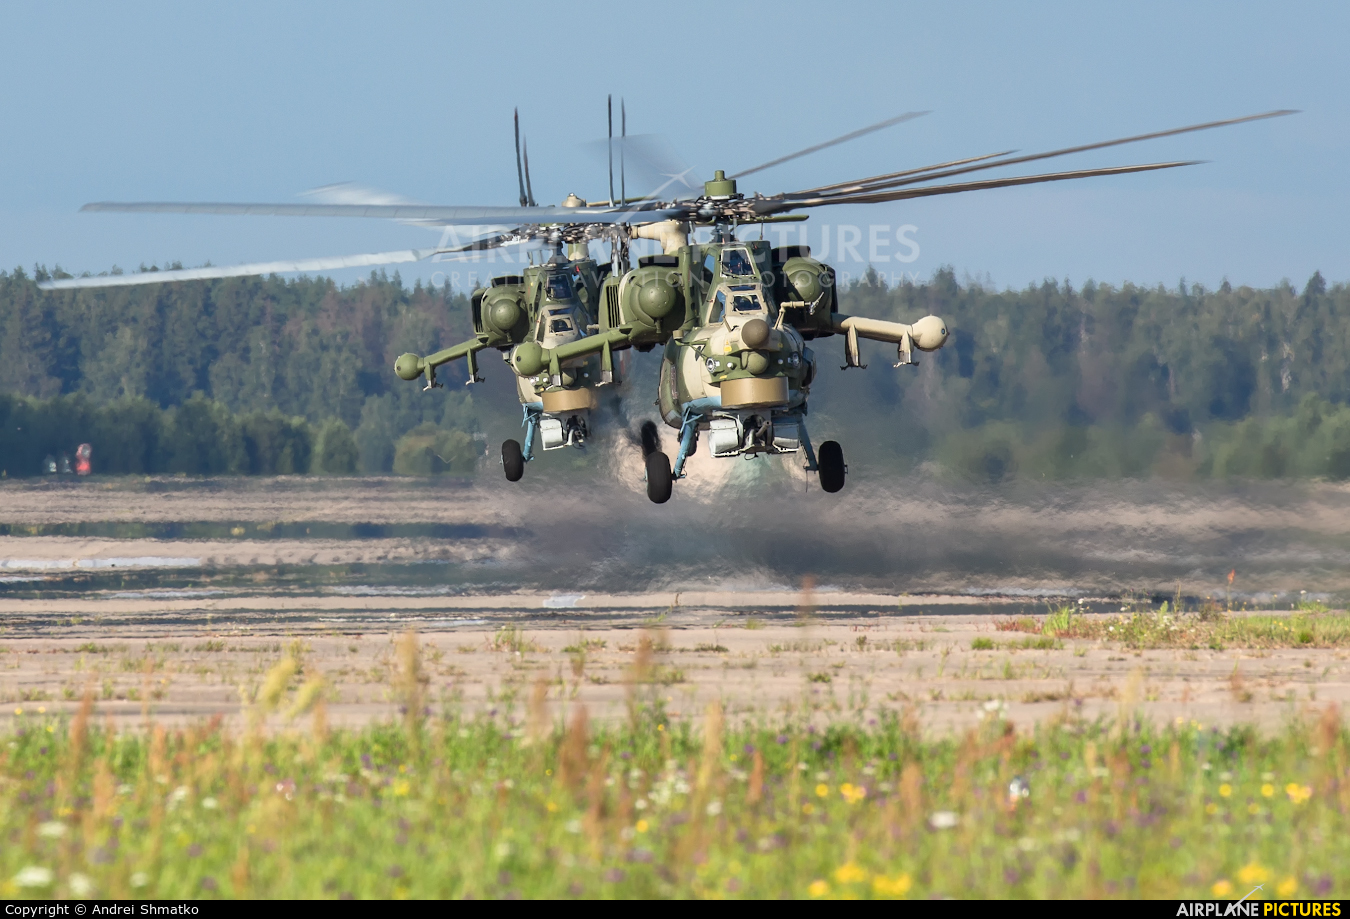 Russia - Air Force RF-13625 aircraft at Kubinka